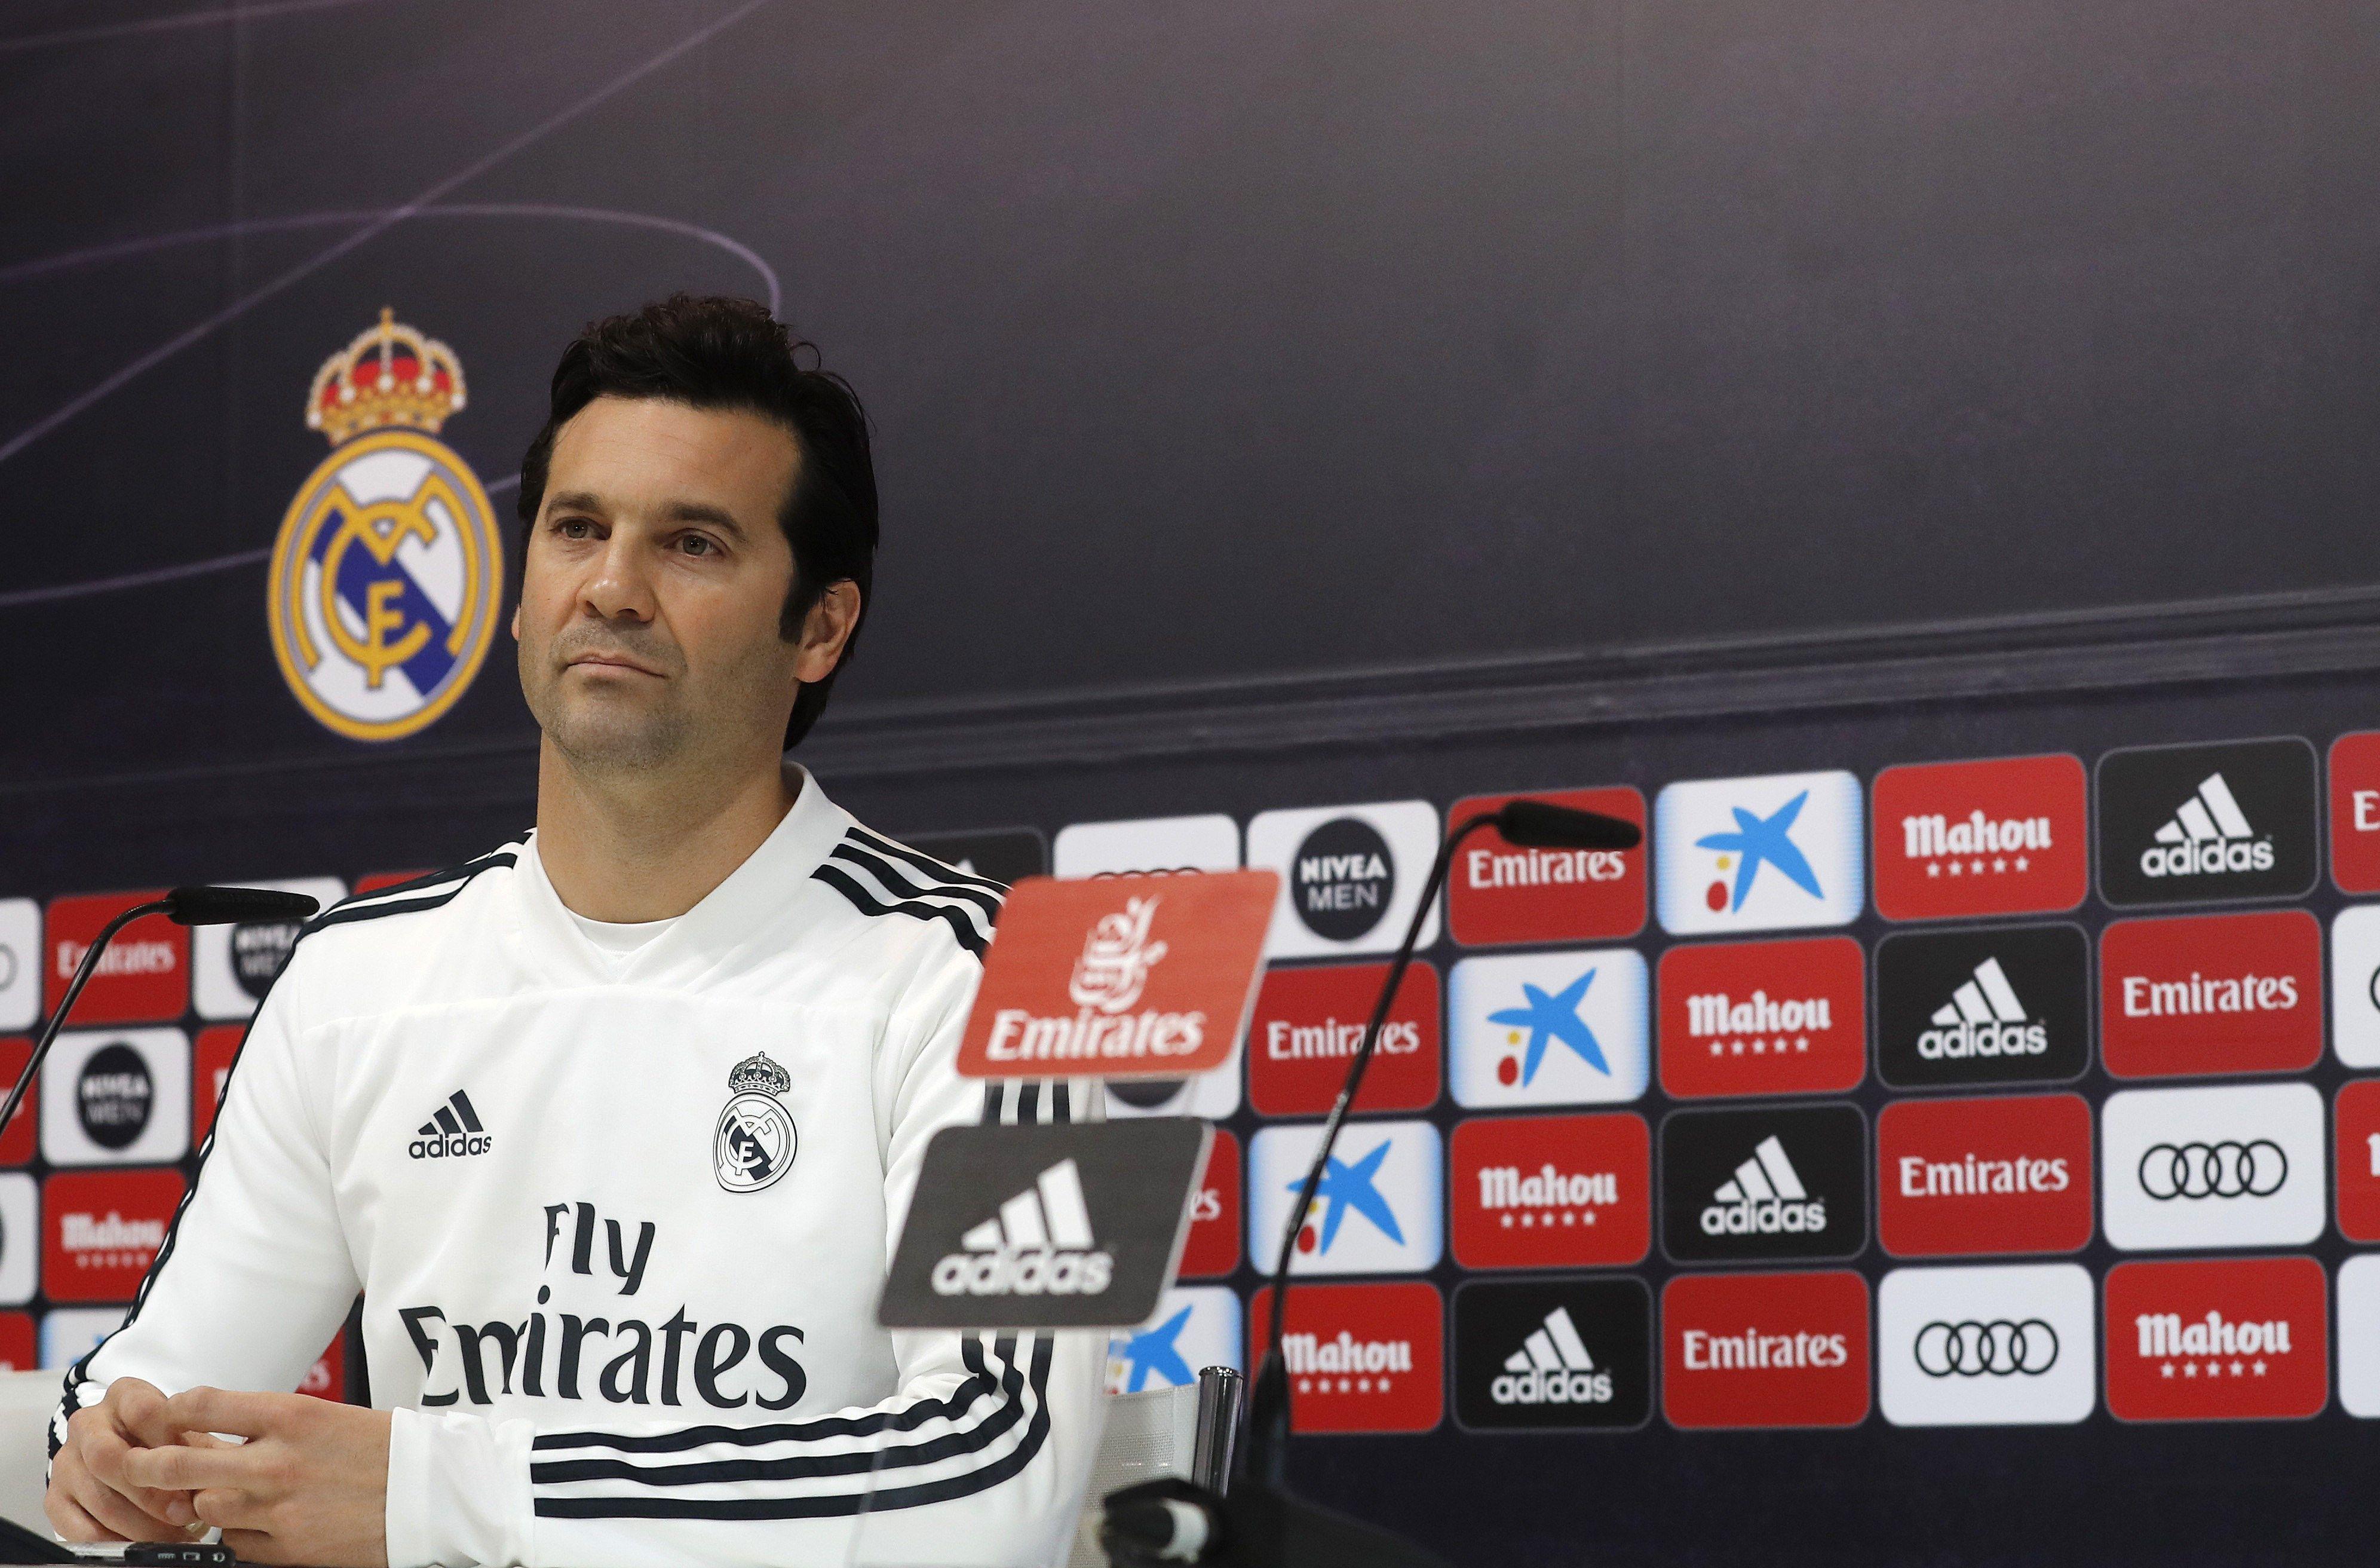 El técnico del Real Madrid Santiago Solari, durante la rueda de prensa posterior al entrenamiento del equipo este miércoles en Valdebebas para preparar el partido de cuartos de final de la Copa del Rey que disputan mañana frente al Girona en el Municipal de Montilivi. (Foto Prensa Libre: EFE)